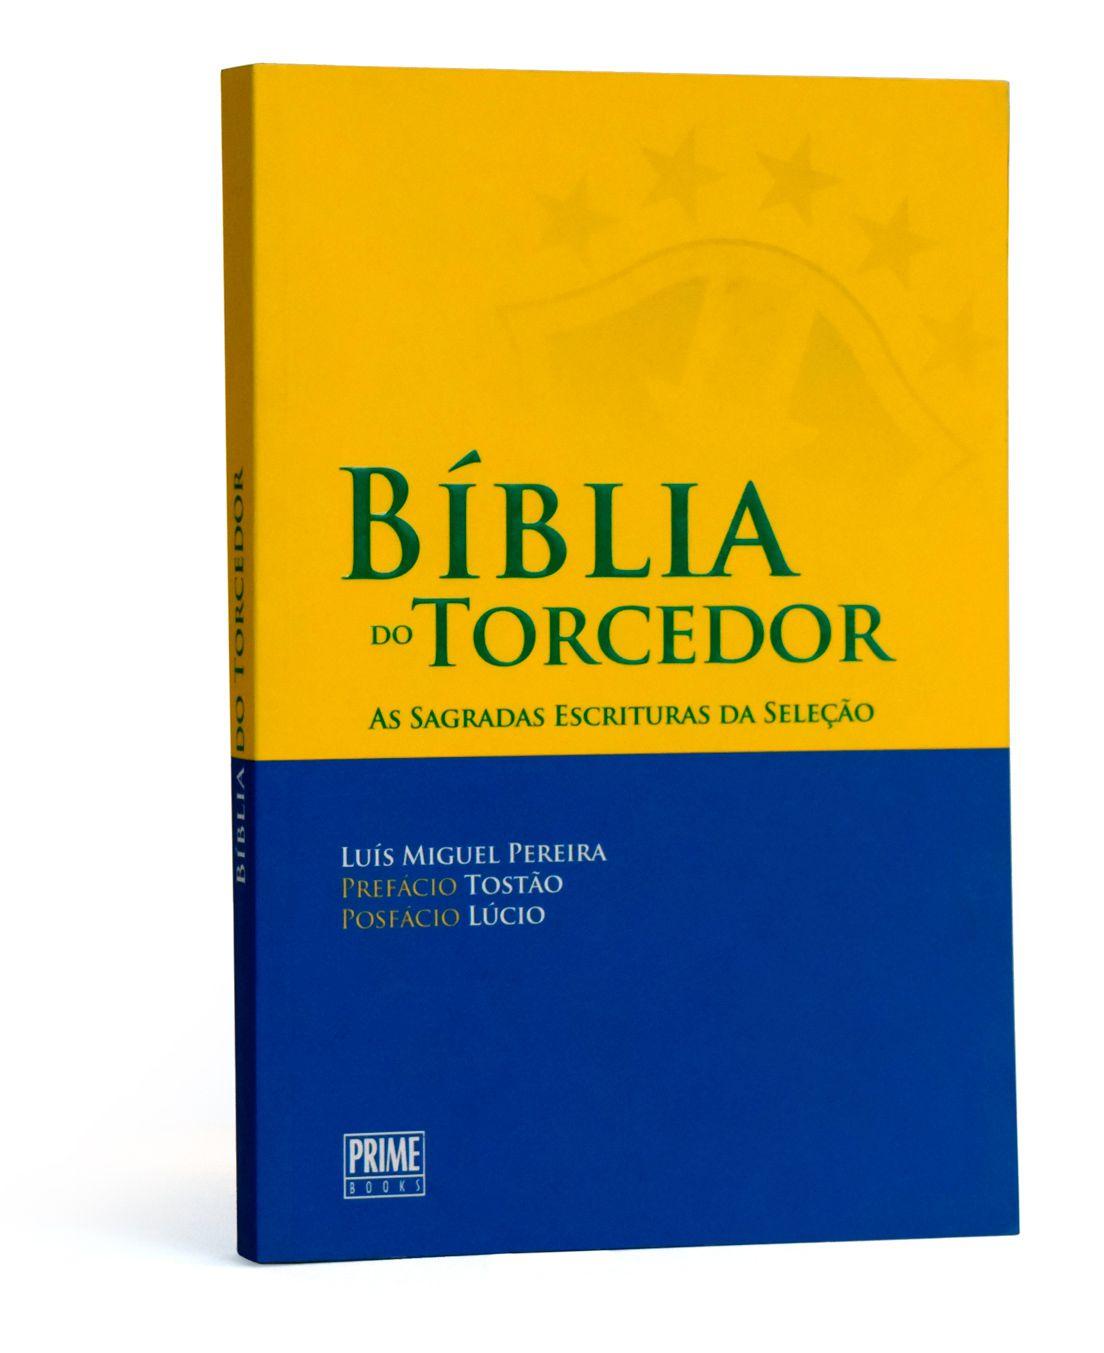 Bíblia do Torcedor